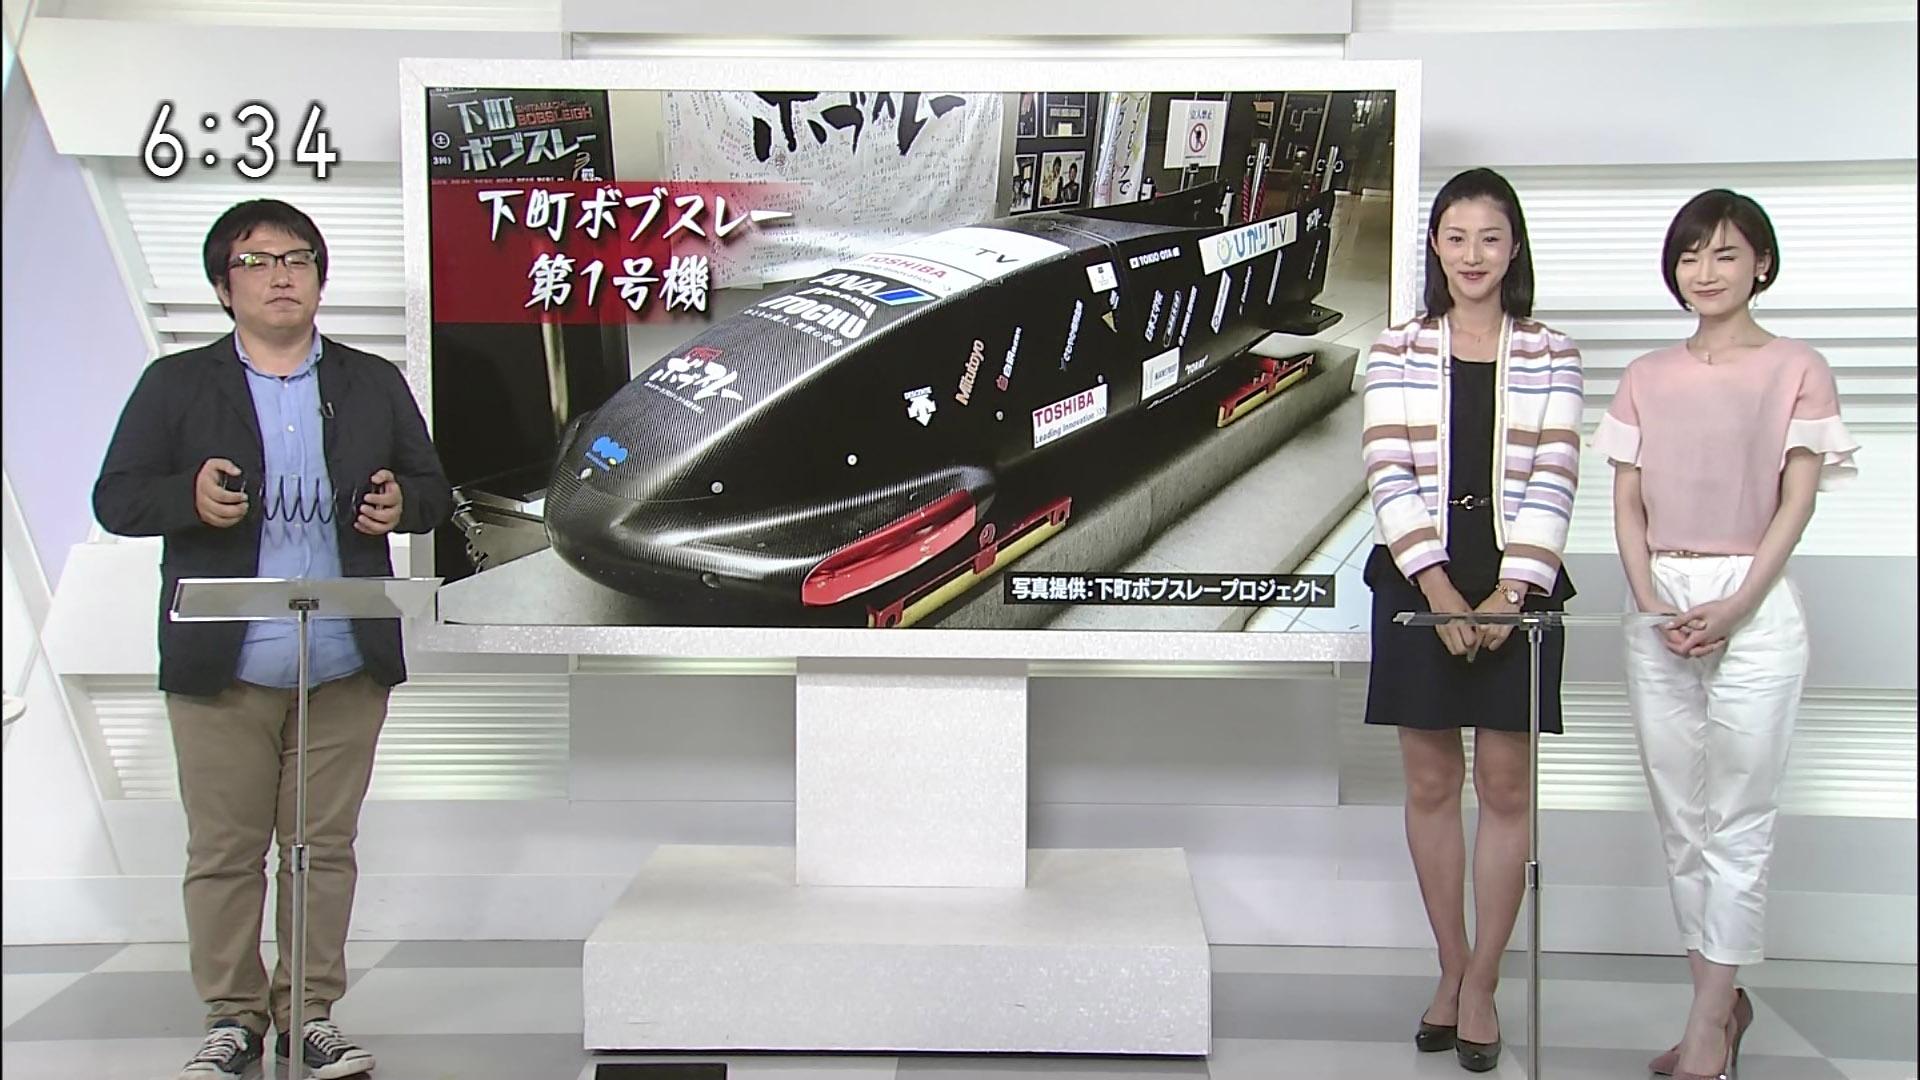 【NHK】森花子03 [無断転載禁止]©2ch.net->画像>903枚